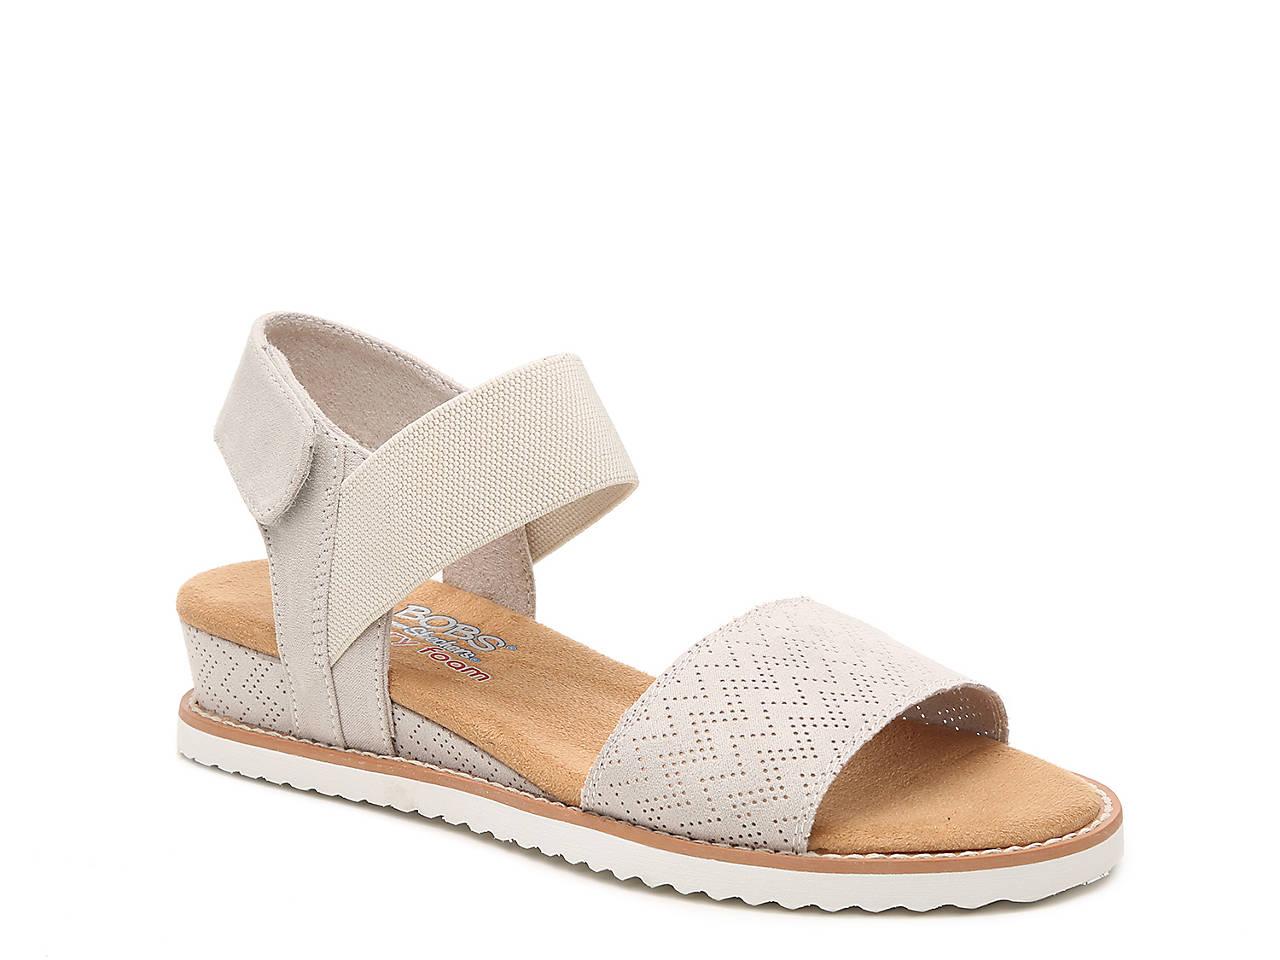 0b54e6fe781e BOBS from Skechers Desert Kiss Wedge Sandal Women s Shoes